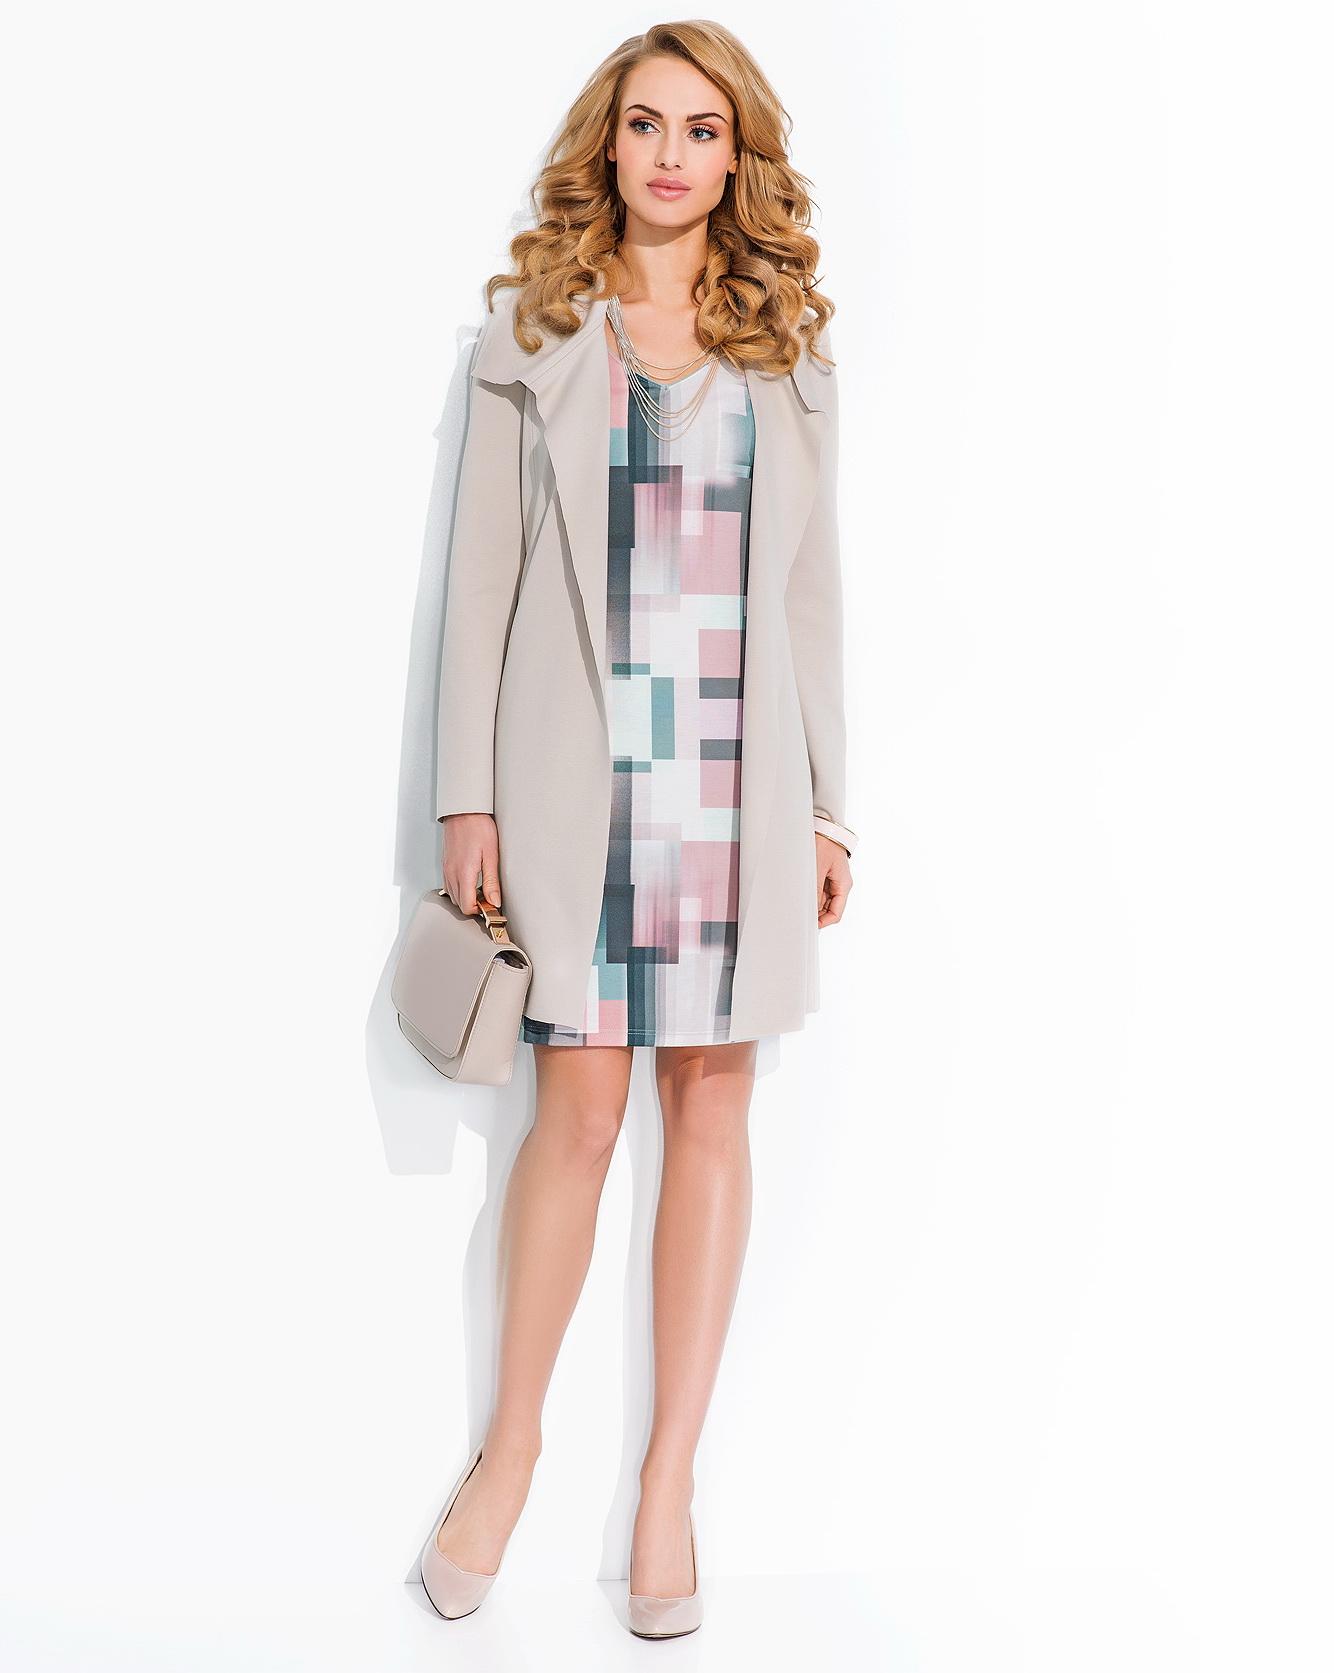 Женская Одежда Польша Интернет Магазин Доставка